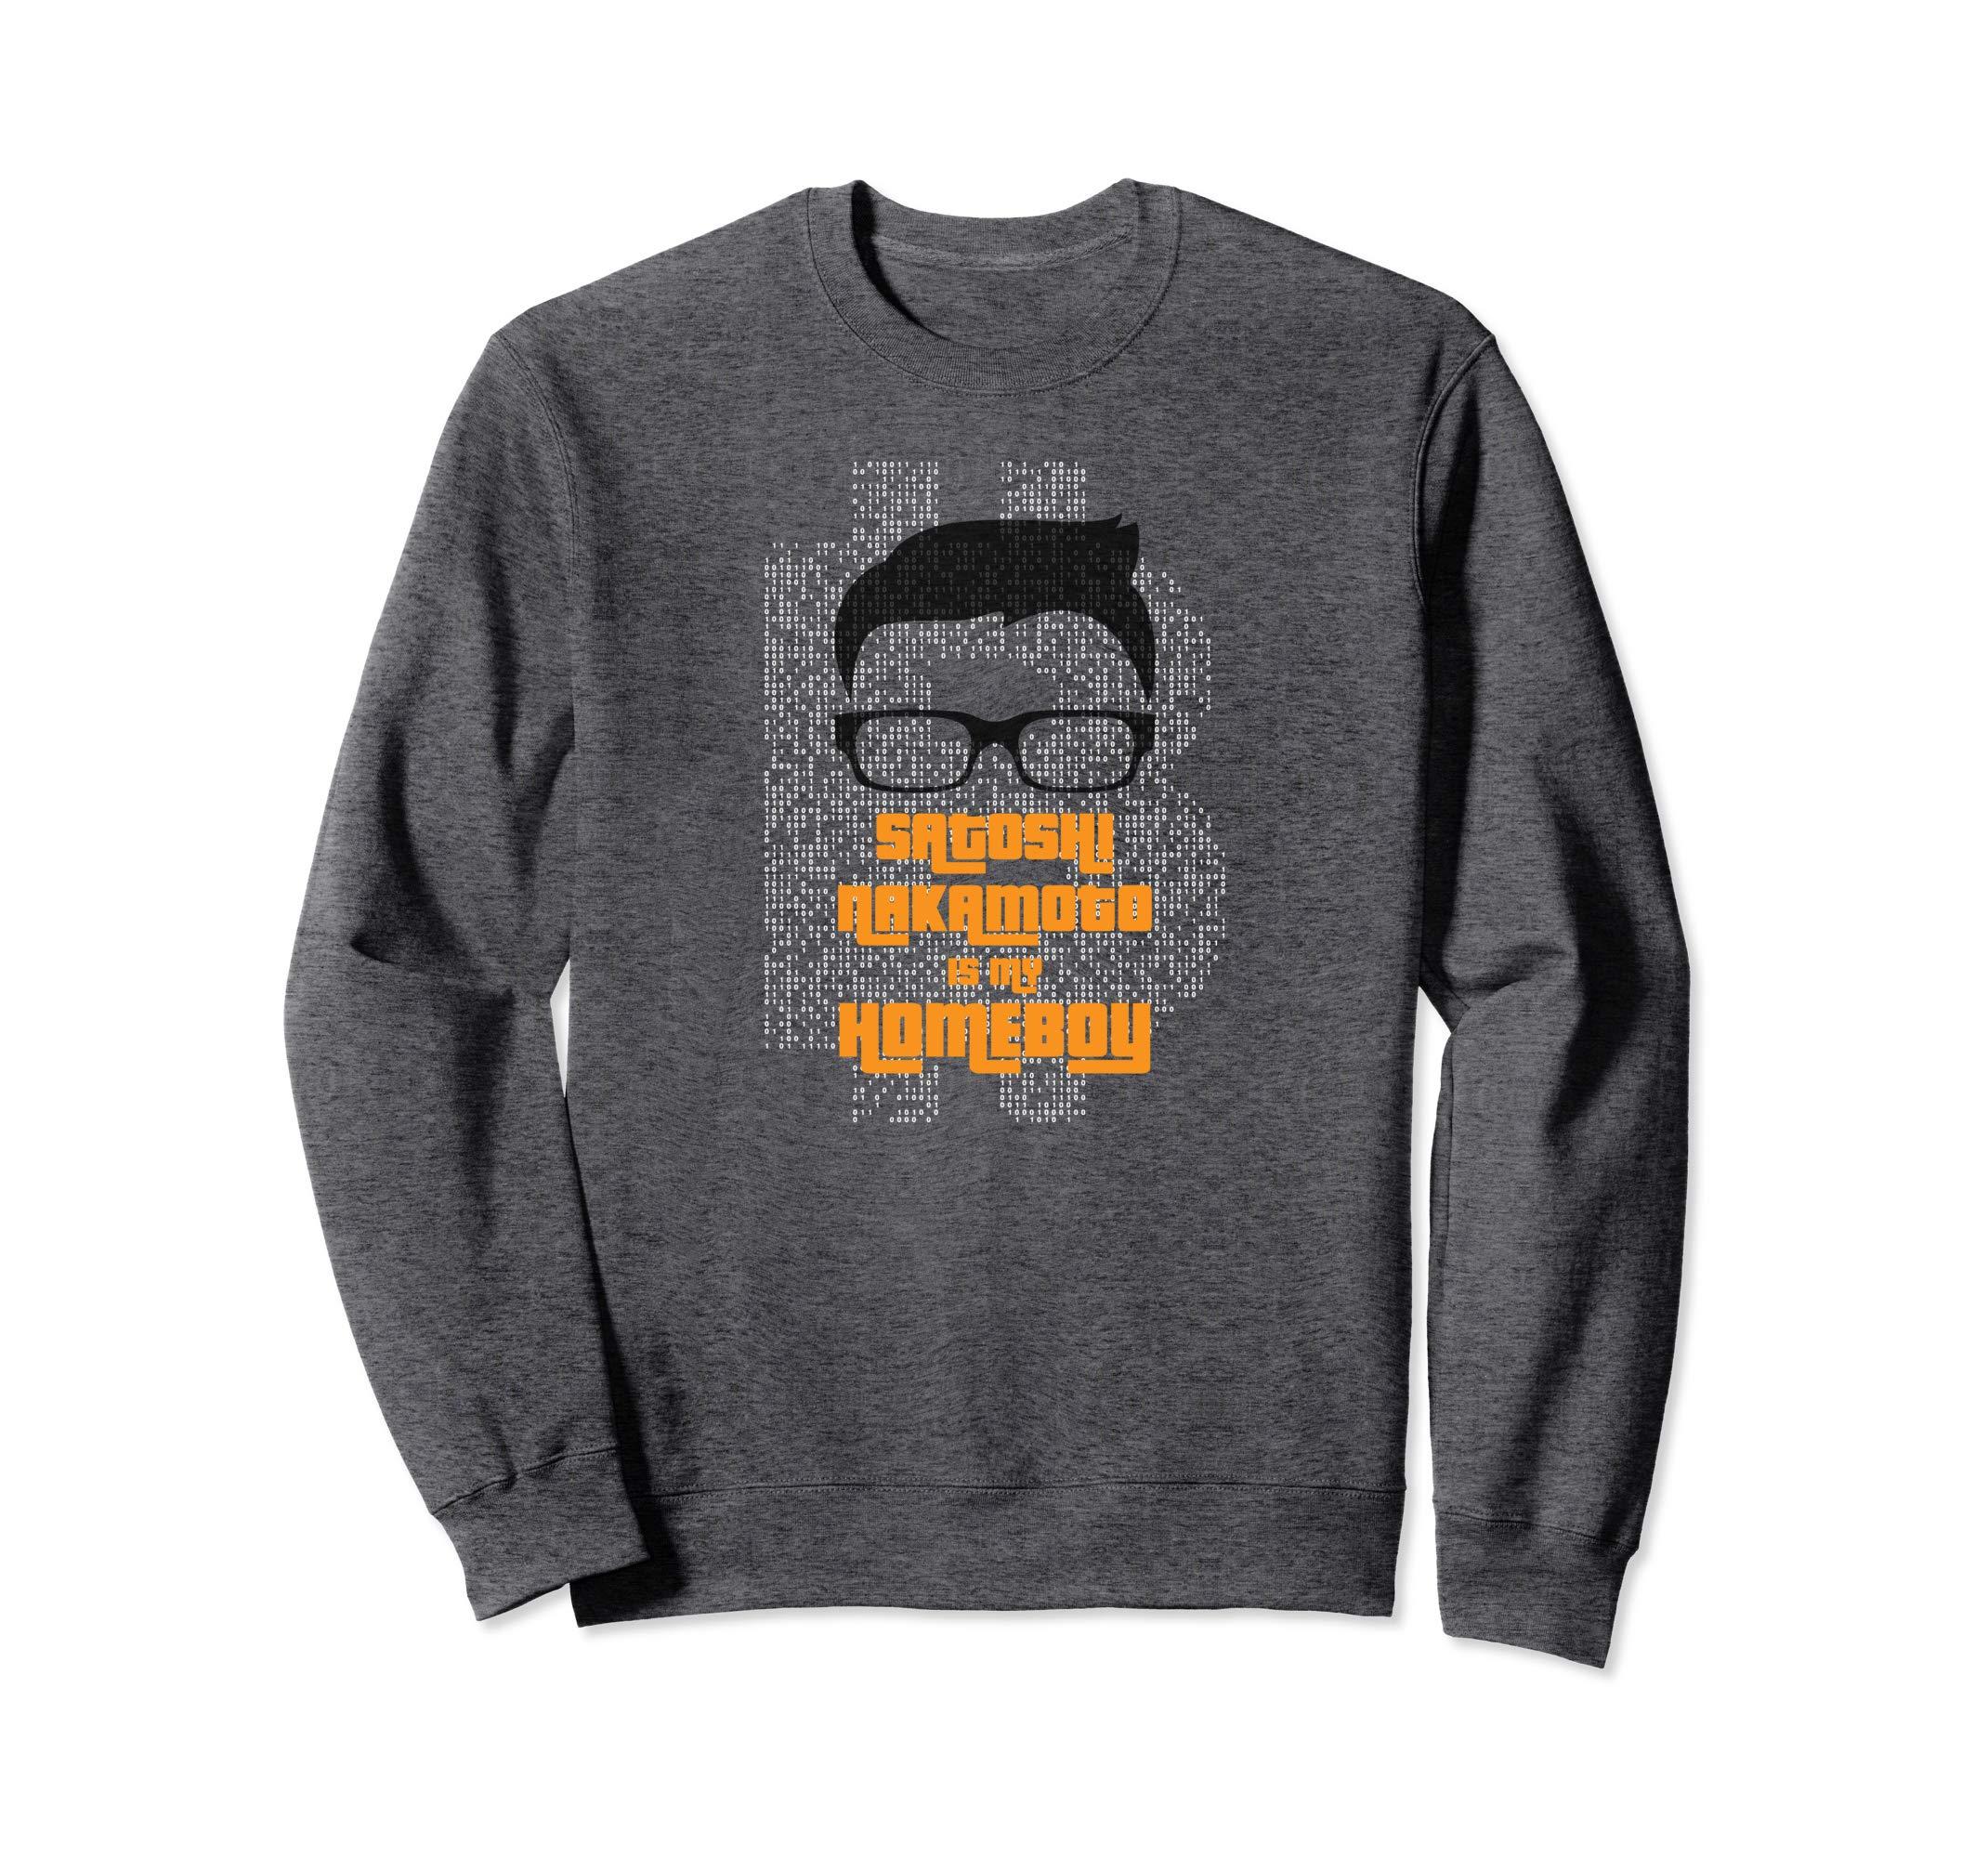 Satoshi Nakamoto Is My Homeboy sweatshirt